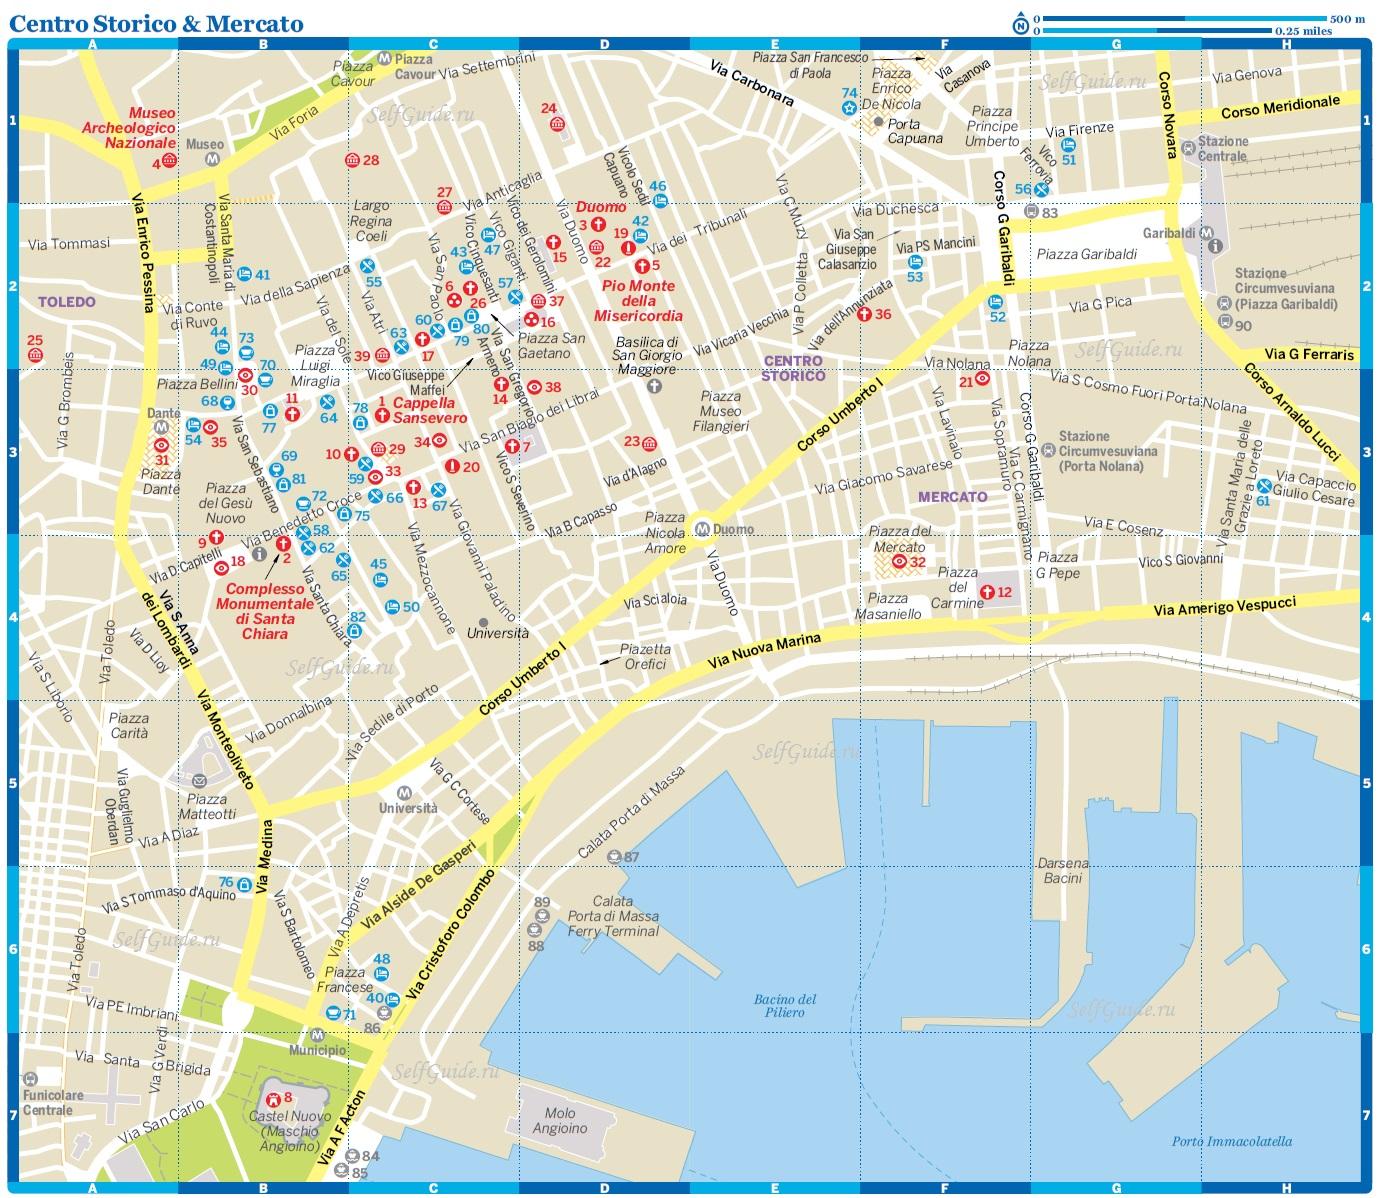 Карта Неаполя